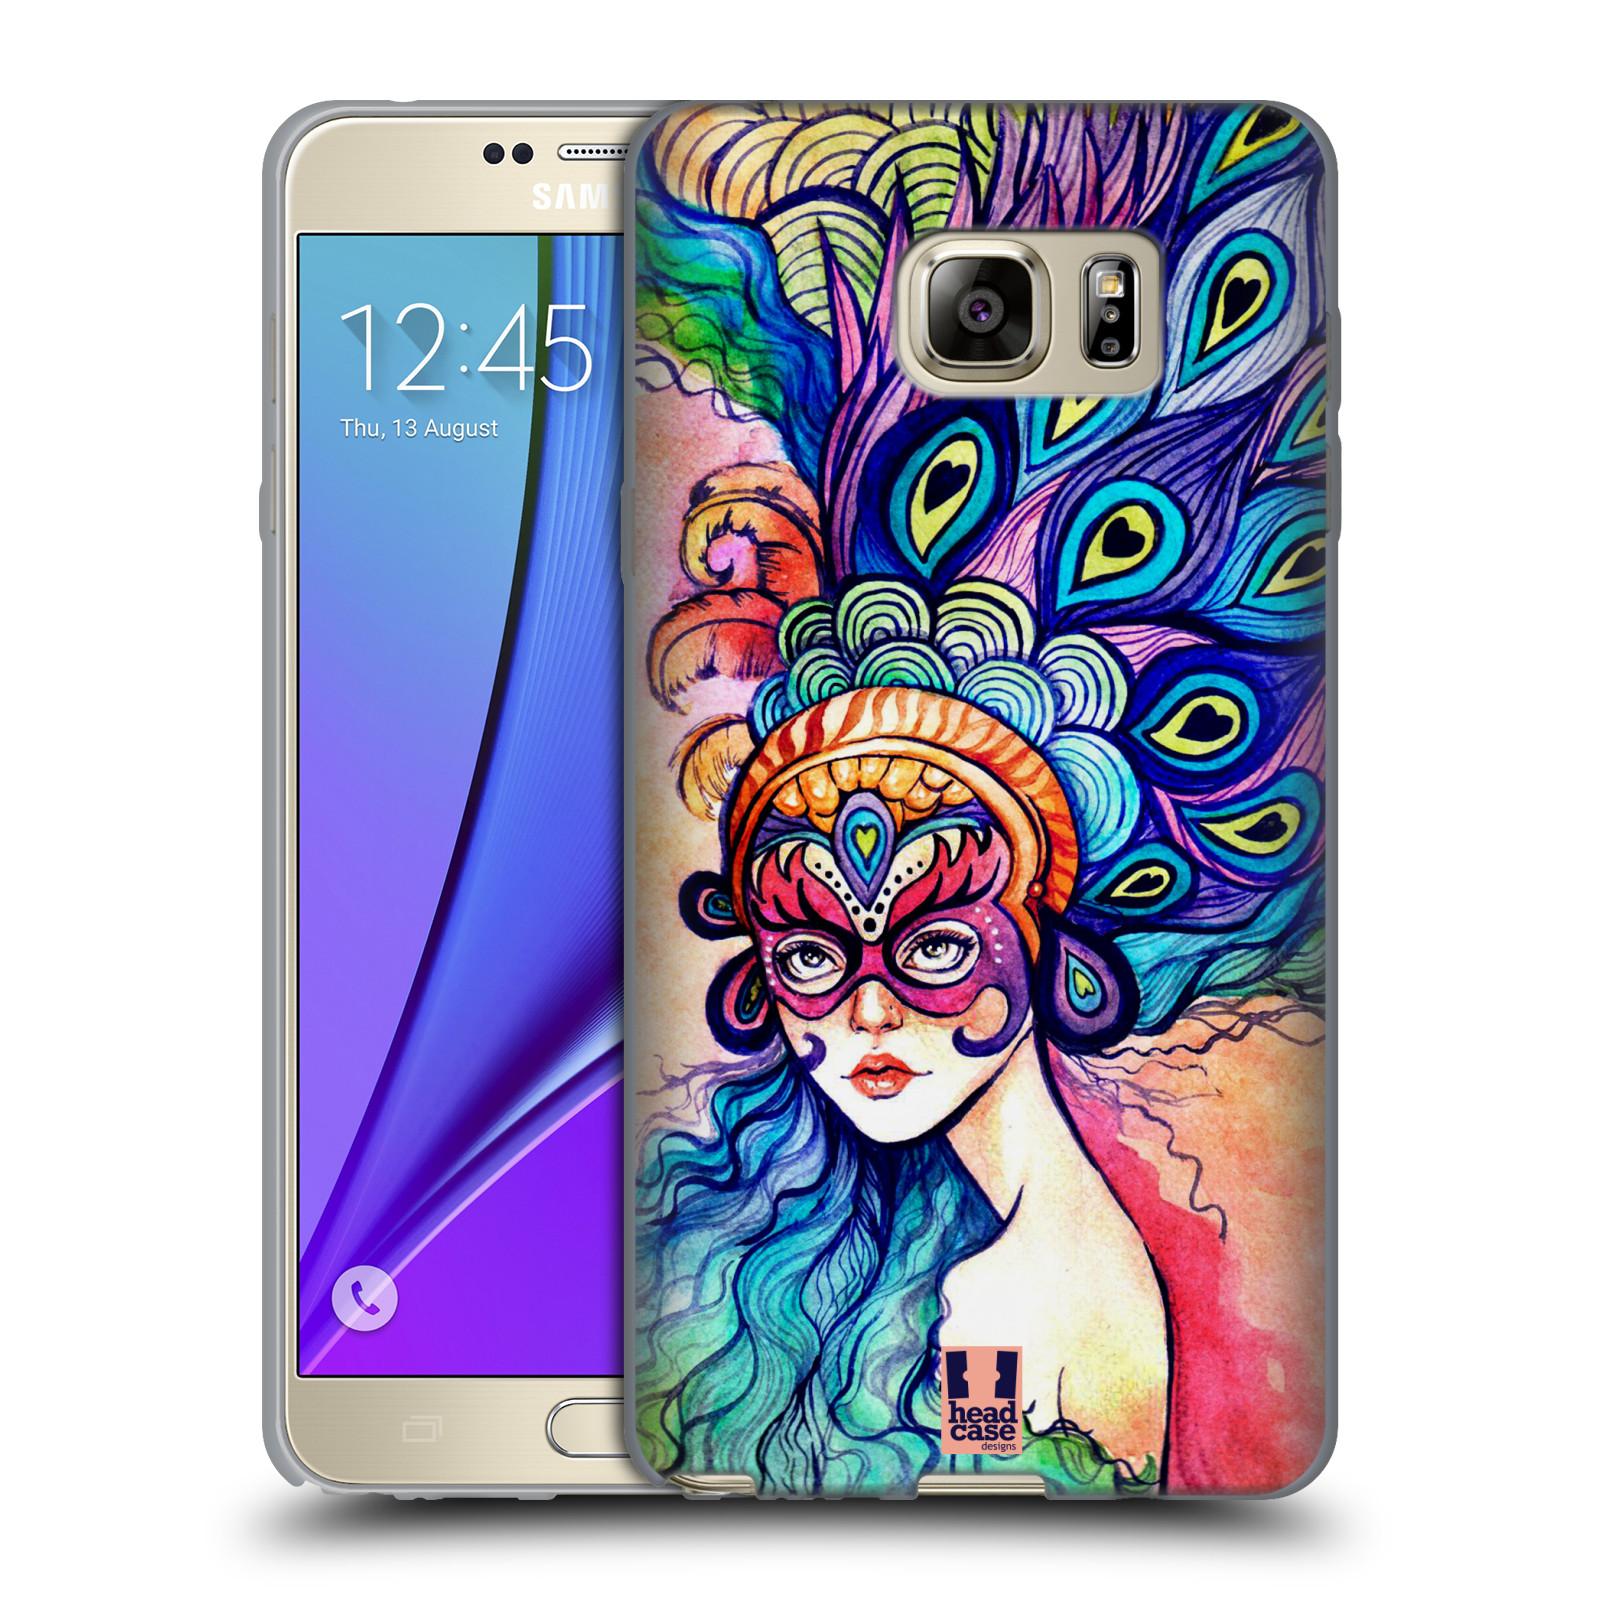 HEAD CASE silikonový obal na mobil Samsung Galaxy Note 5 (N920) vzor Maškarní ples masky kreslené vzory MODRÉ PÍRKA